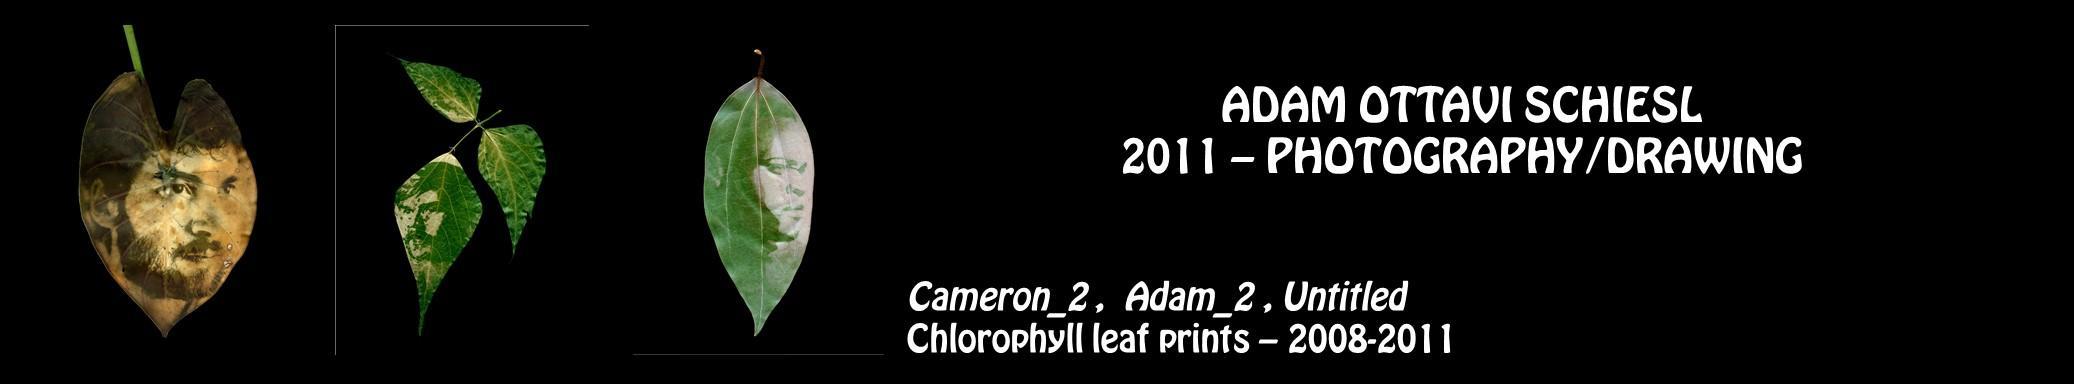 Adam Ottavi Schiesl - photography, drawing - Cameron 2, Adam 2, Untitled, Clorophyll leaf prints - 2008-2011